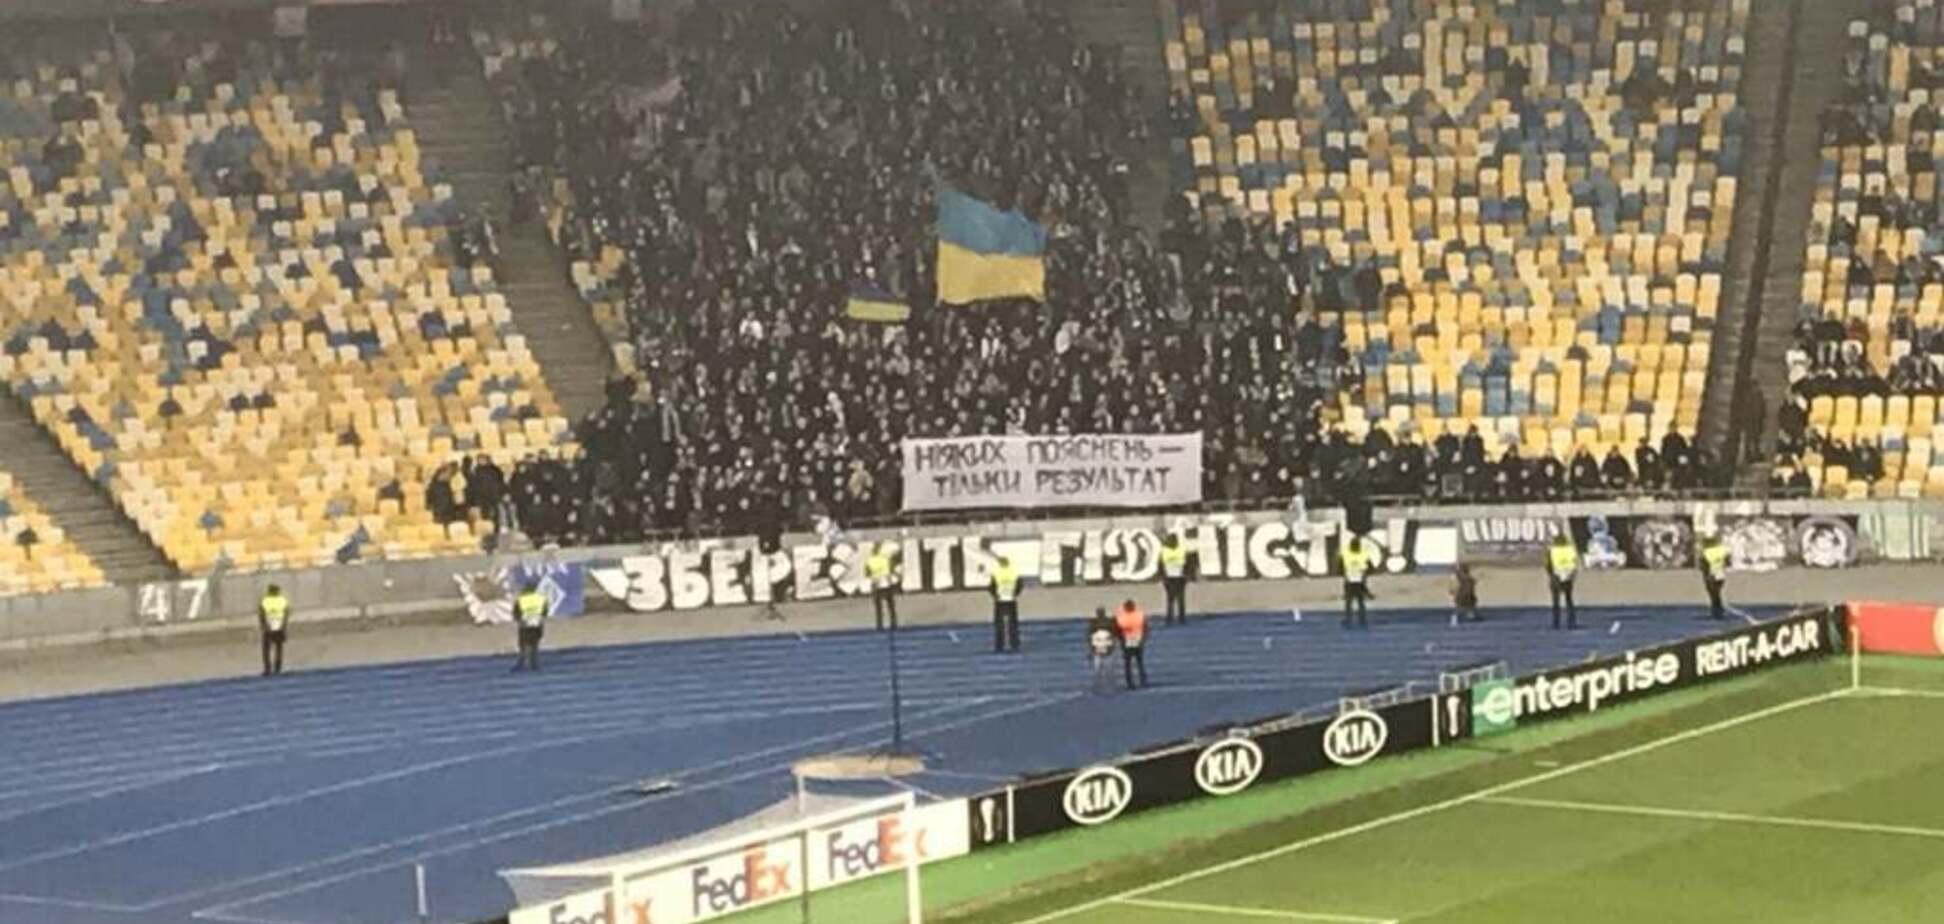 Ультрас в Киеве отправили жесткое послание 'Динамо' - фотофакт